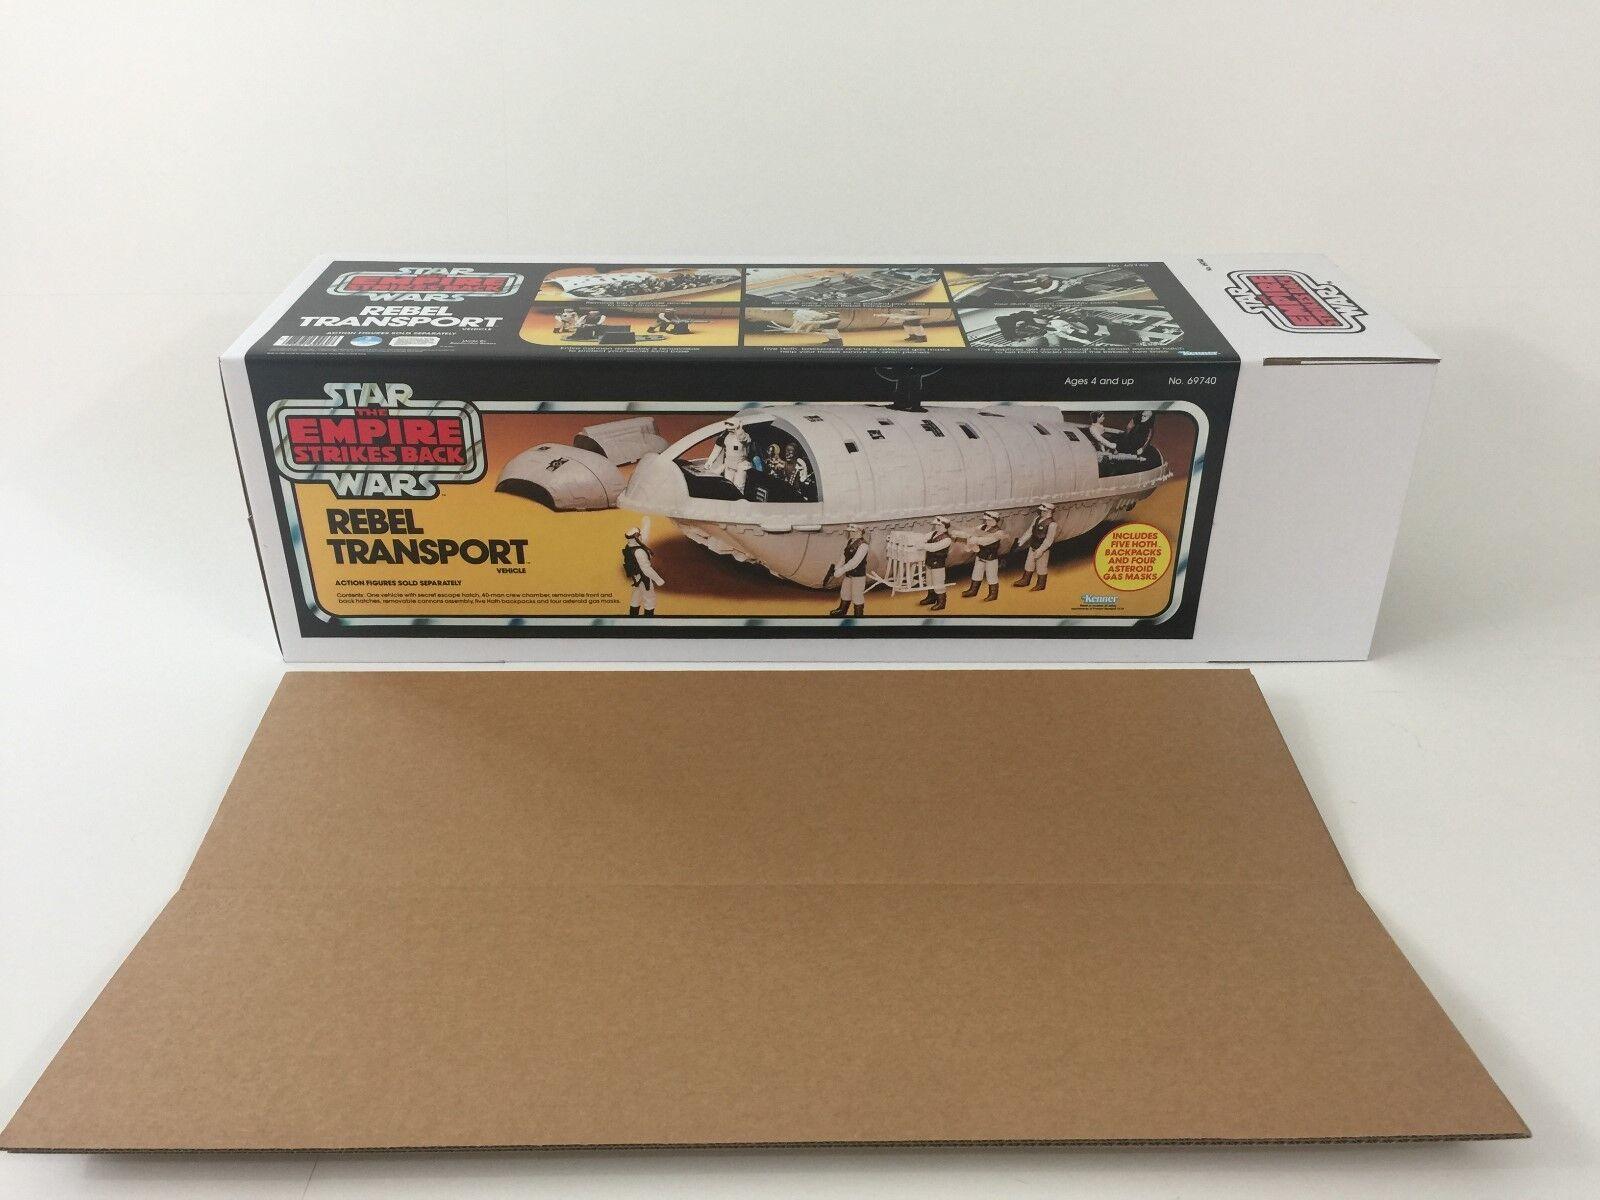 Sostituzione Vintage Star Wars Box Trasporto Ribelle ESB e inserti giallo versione